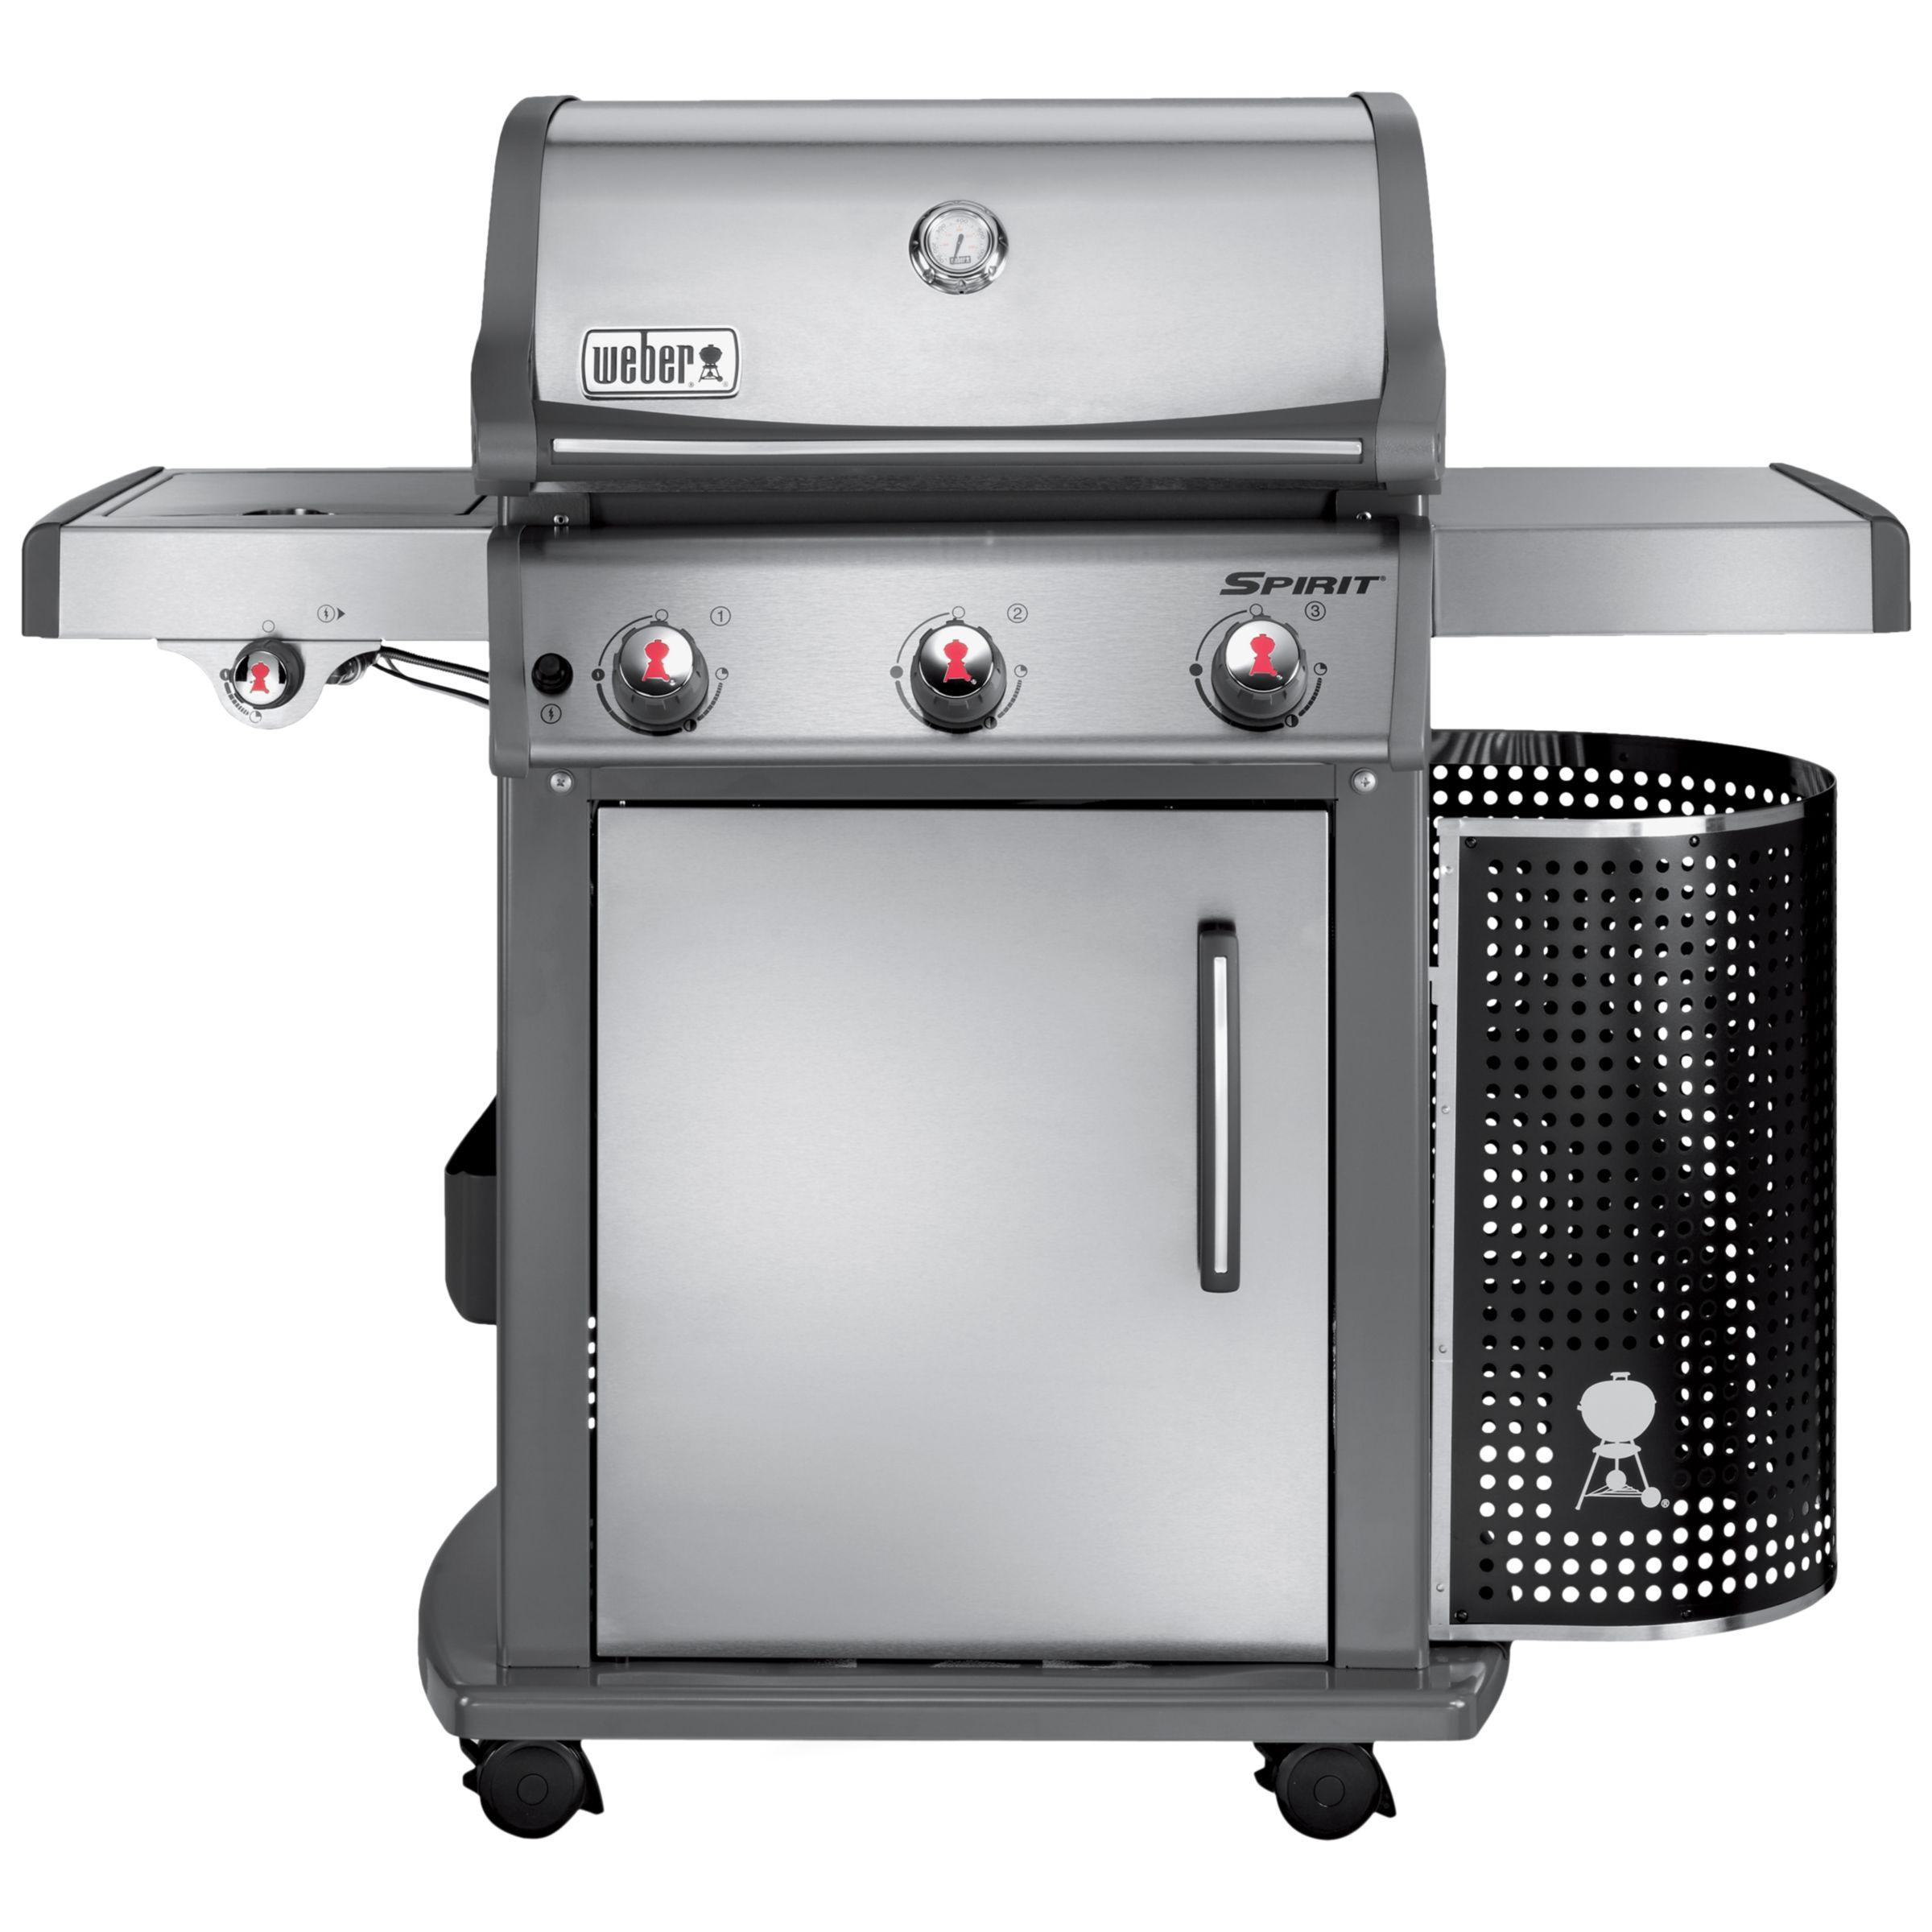 Weber Spirit Premium Gourmet S320 Barbecue